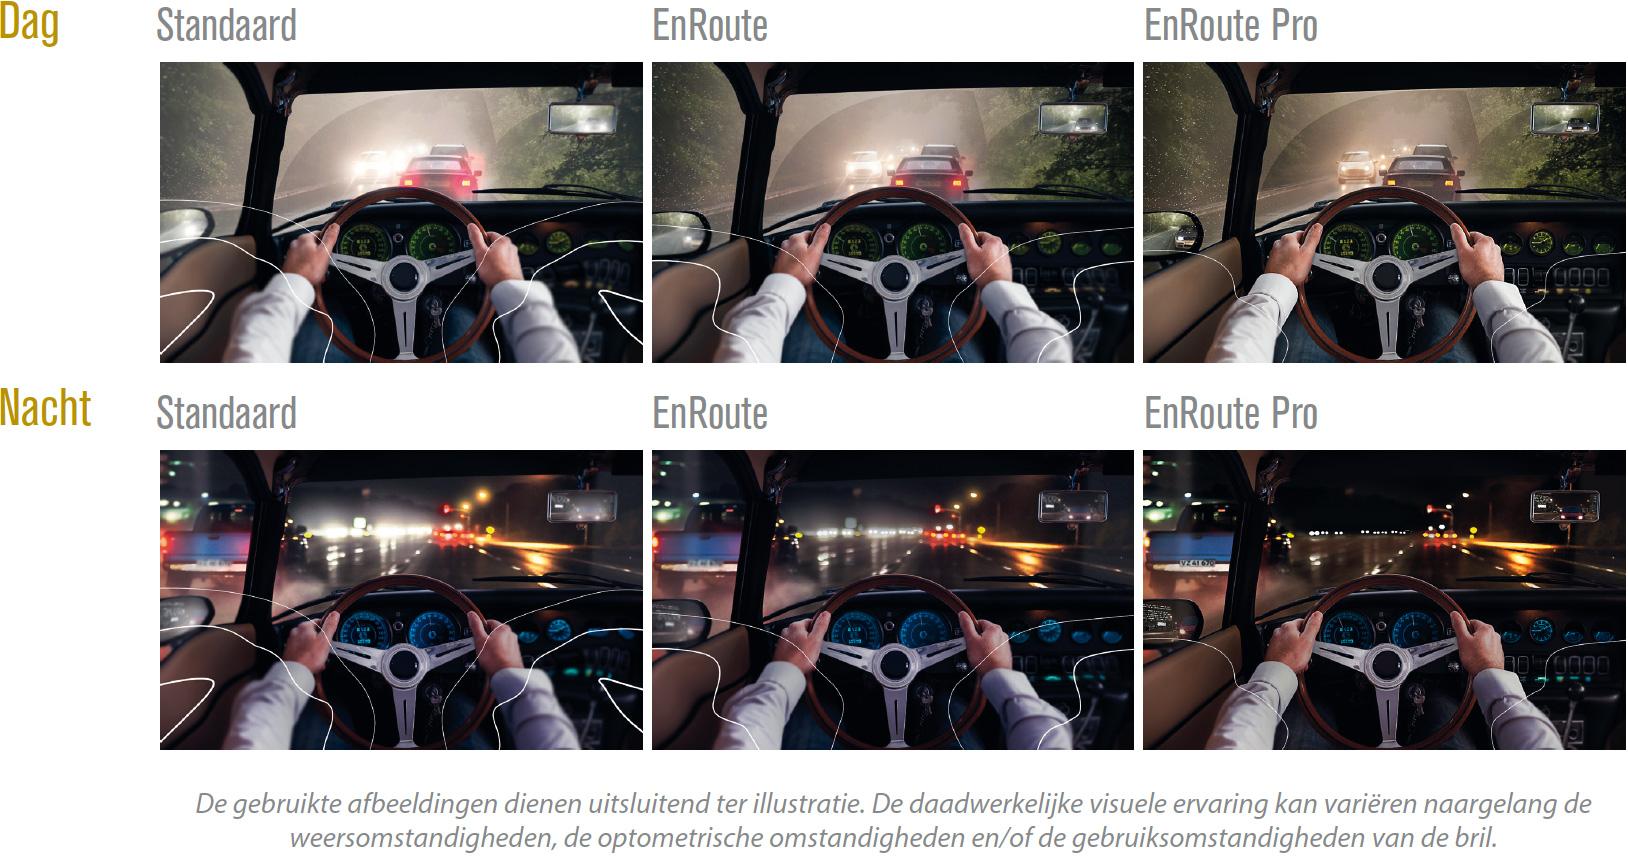 ENROUTE: brillenglazen die afrekenen met hinderlijk licht in het verkeer